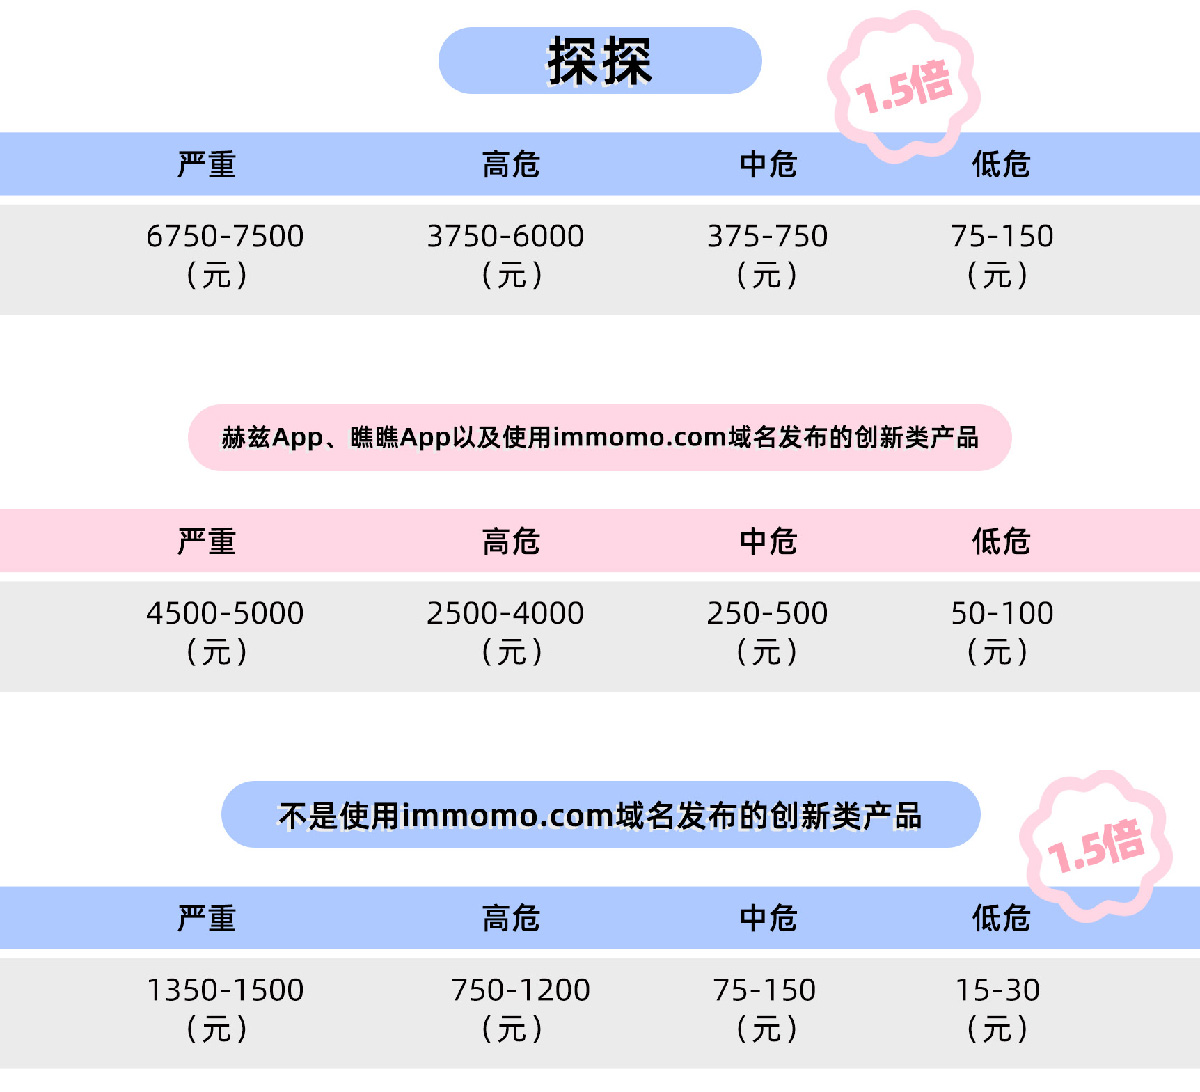 https://momo-mmsrc.oss-cn-hangzhou.aliyuncs.com/img-80d513b6-98d8-330a-b3e6-20e029a557c6.jpeg